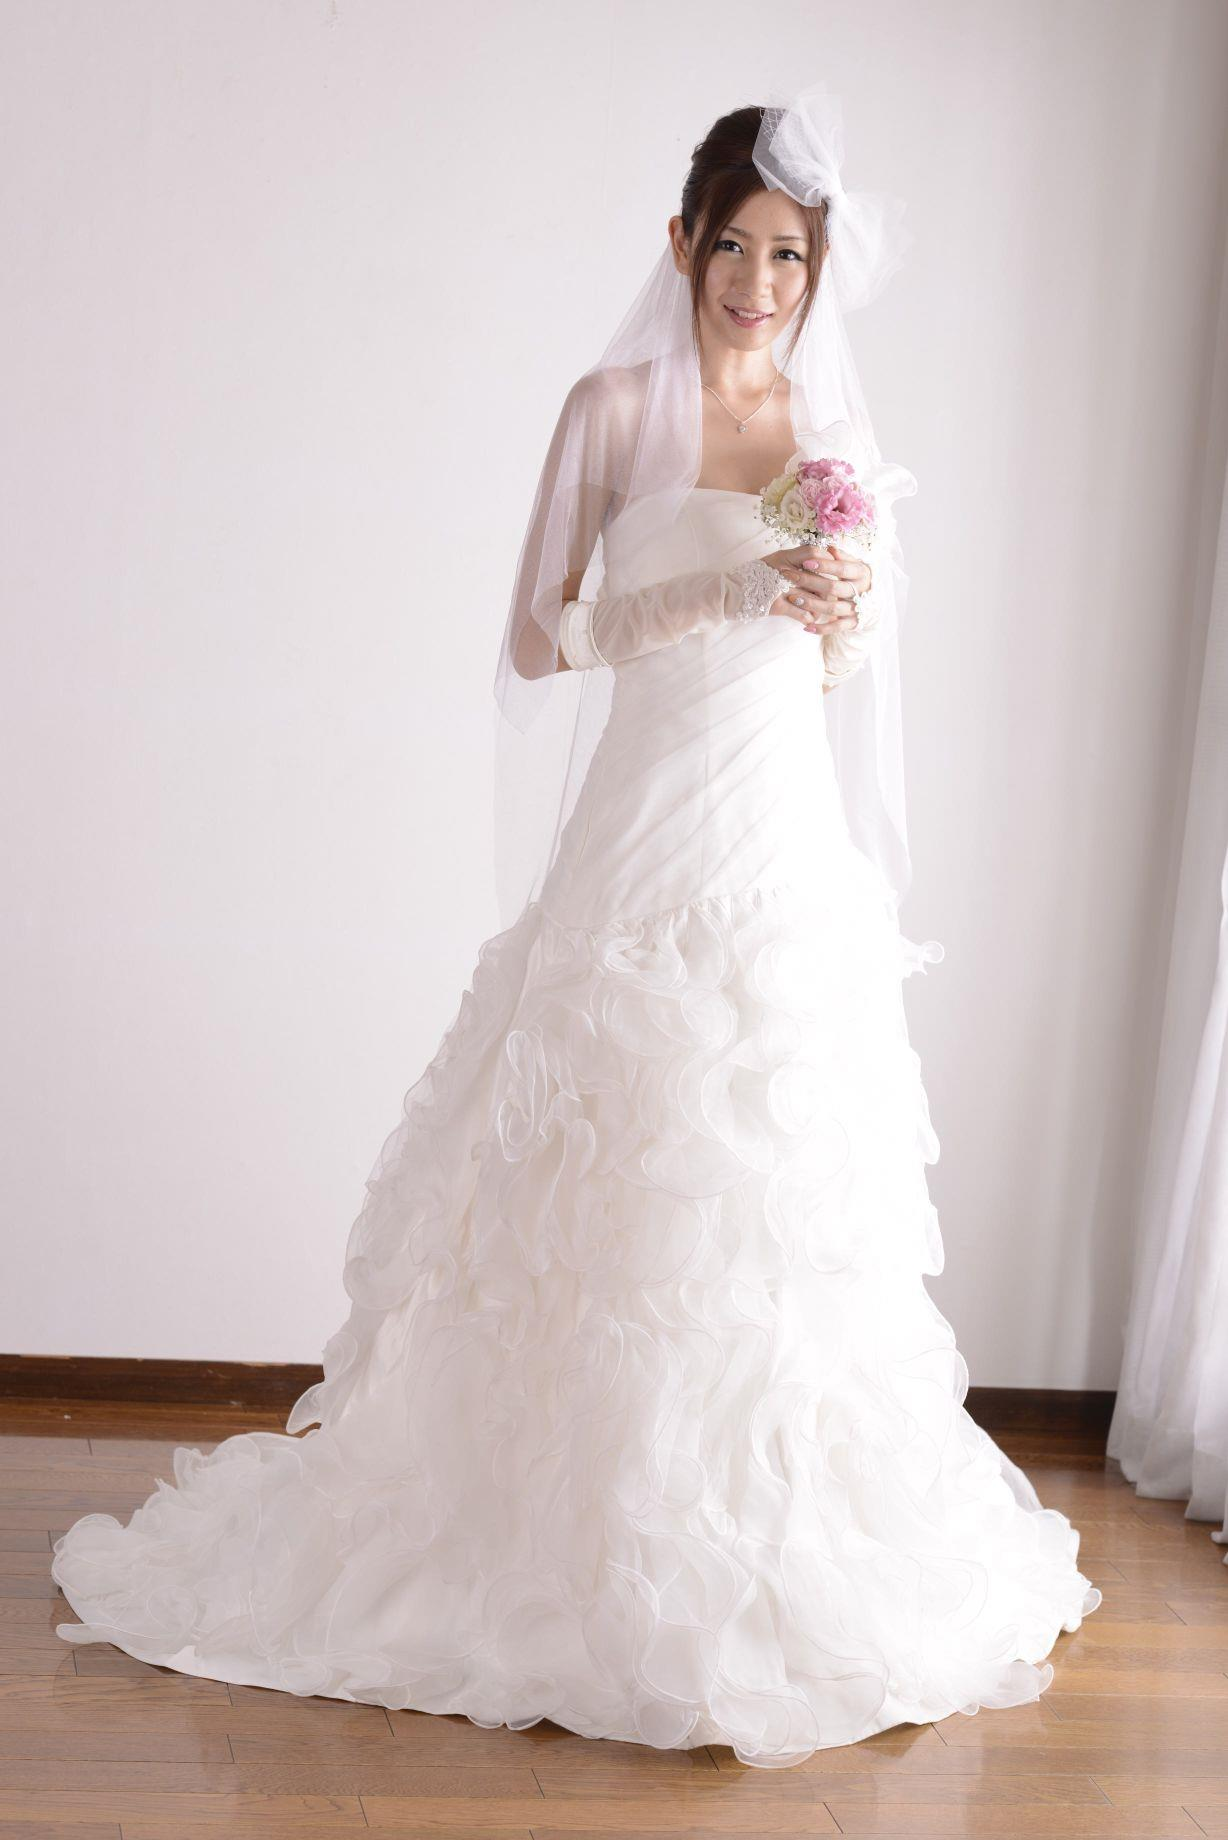 前田かおり ウェディングドレス画像 10